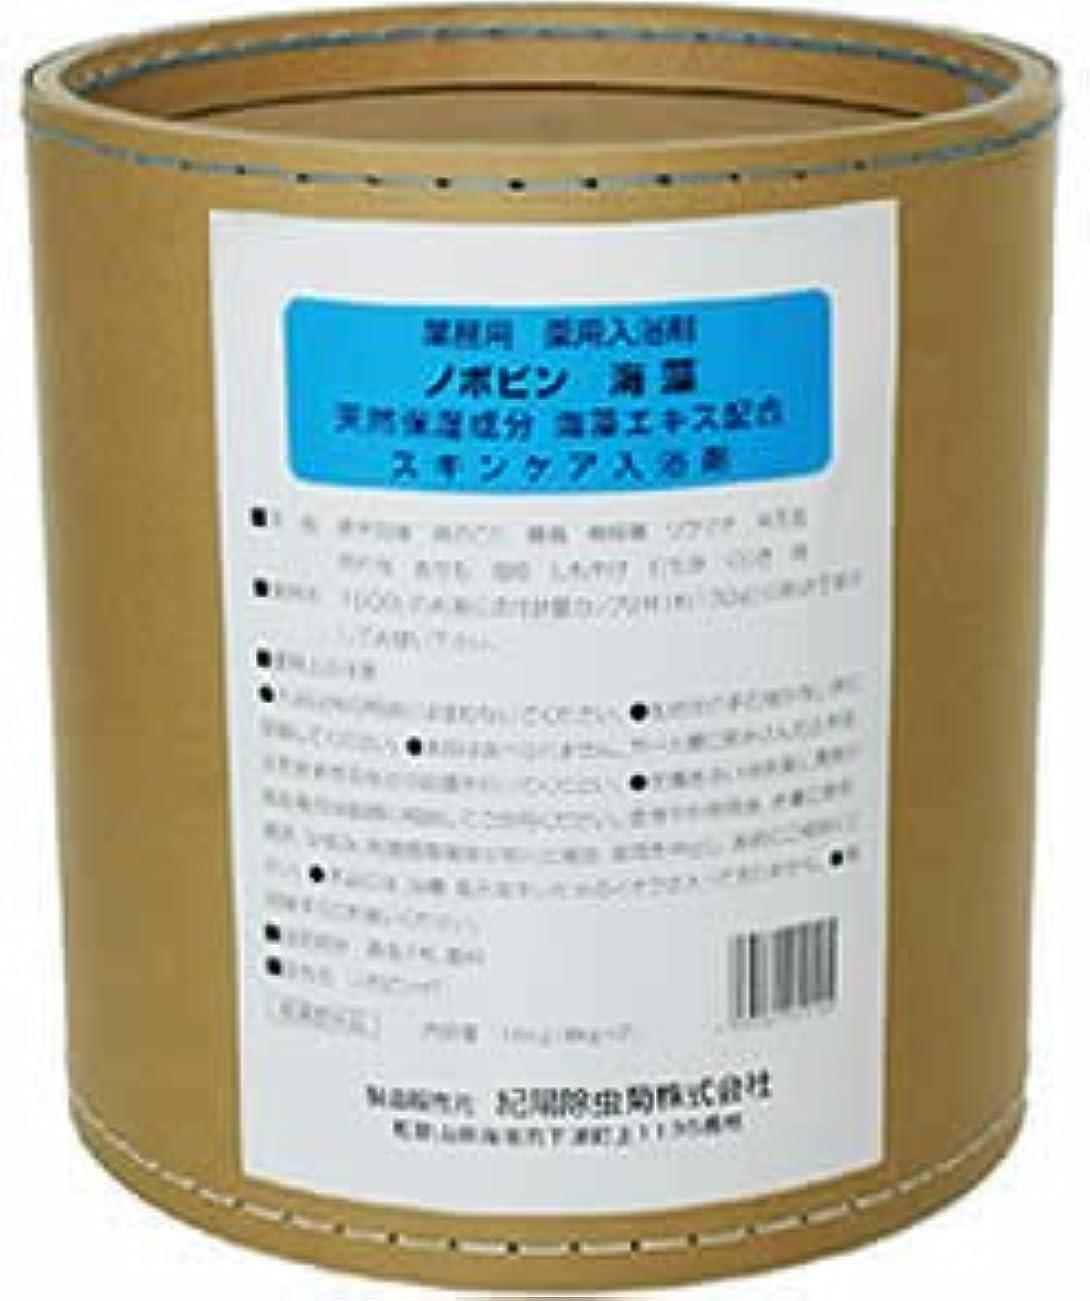 ハーネスおサルベージ業務用 ノボピン 海藻 8kg*2